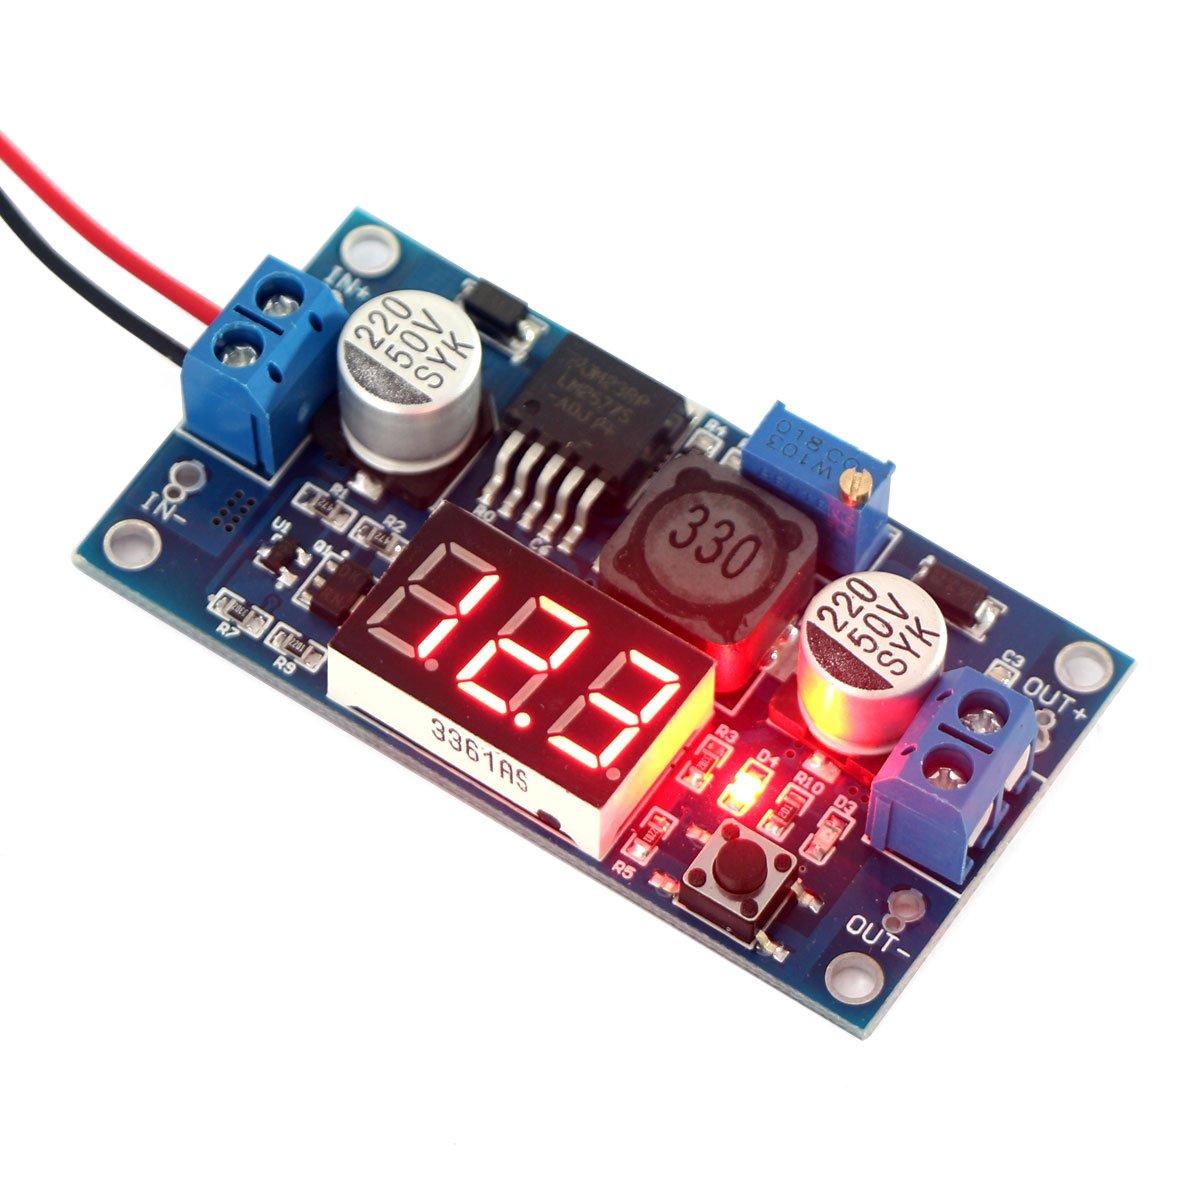 Drok Micro Led Dc Digital Boost Voltage Converter Lm2577 3 34v To Regulator Current Booster 4 35v 5v 12v 25a Step Up Adjustable Volt Board Module Power Supply